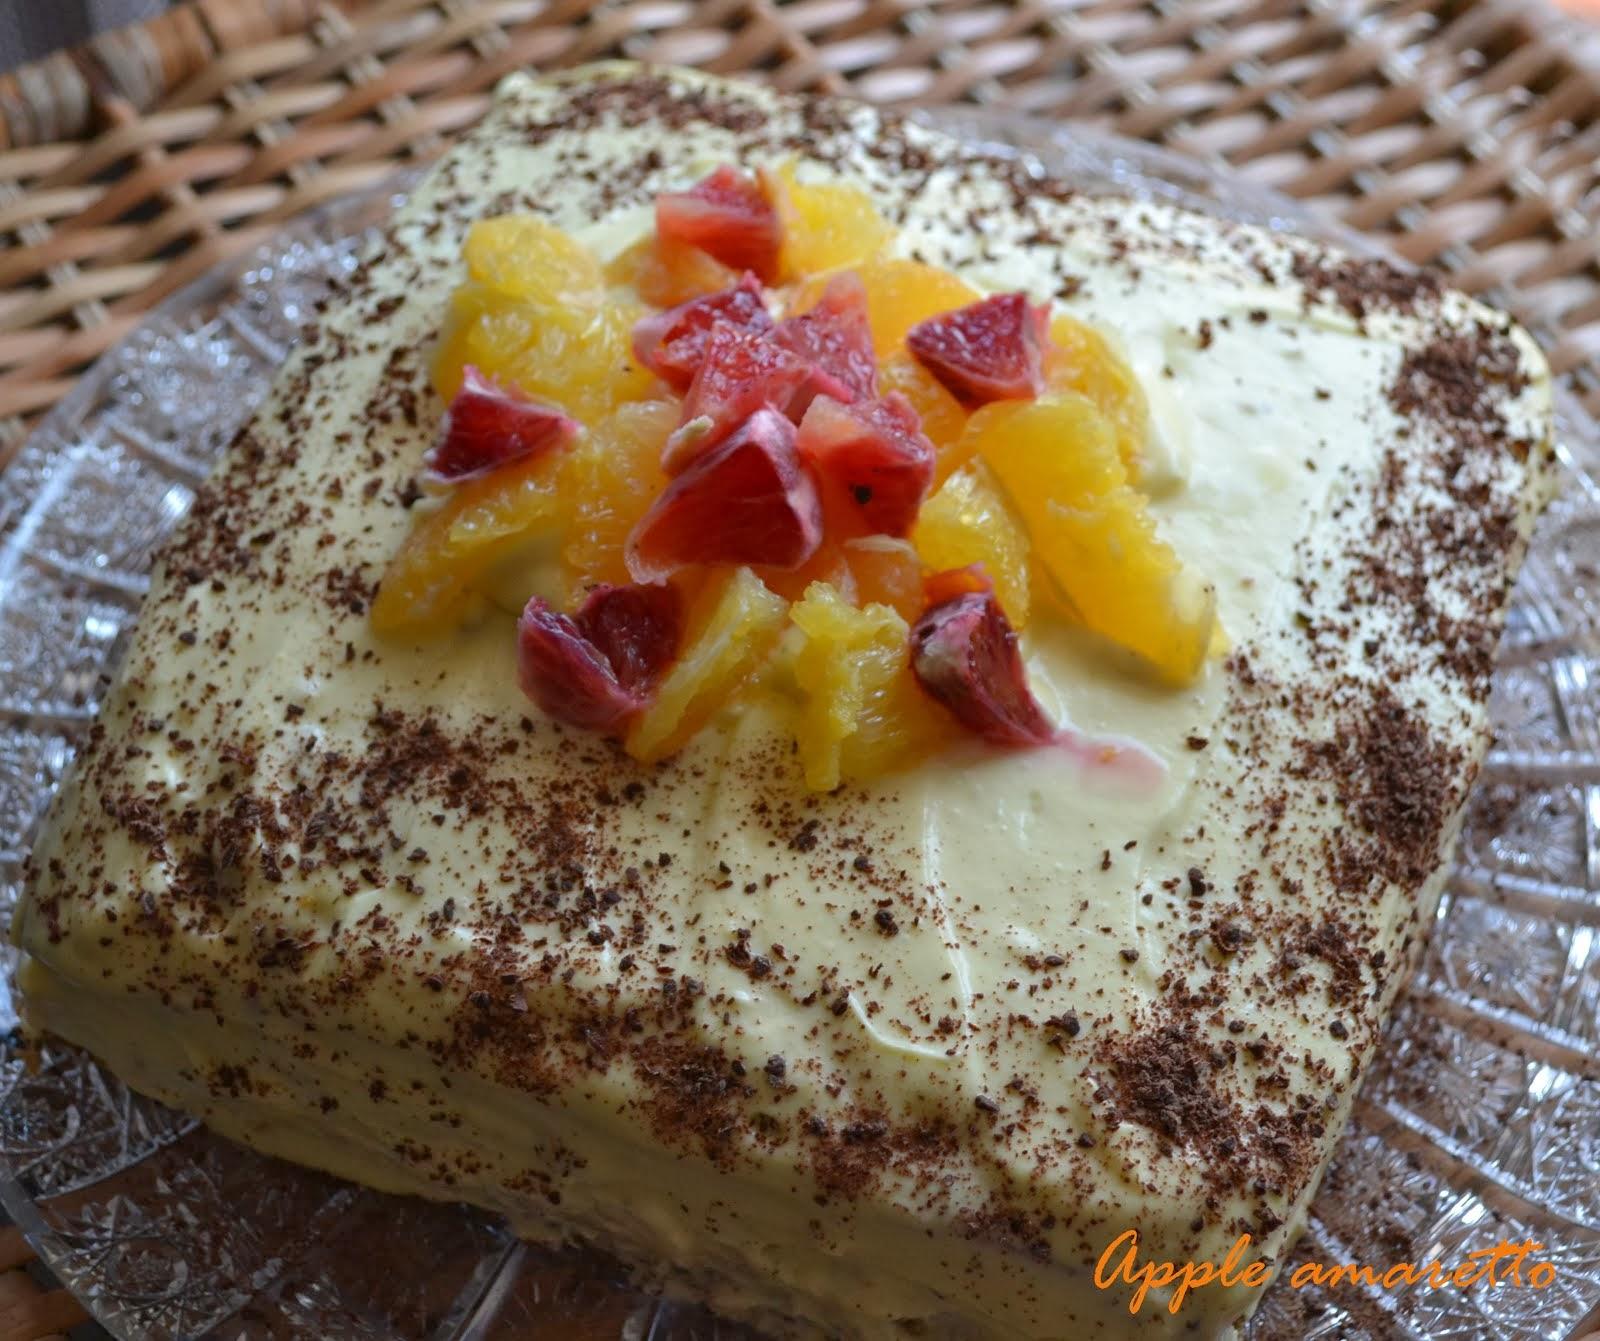 Mákos narancsos torta doTERRA illóolajjal